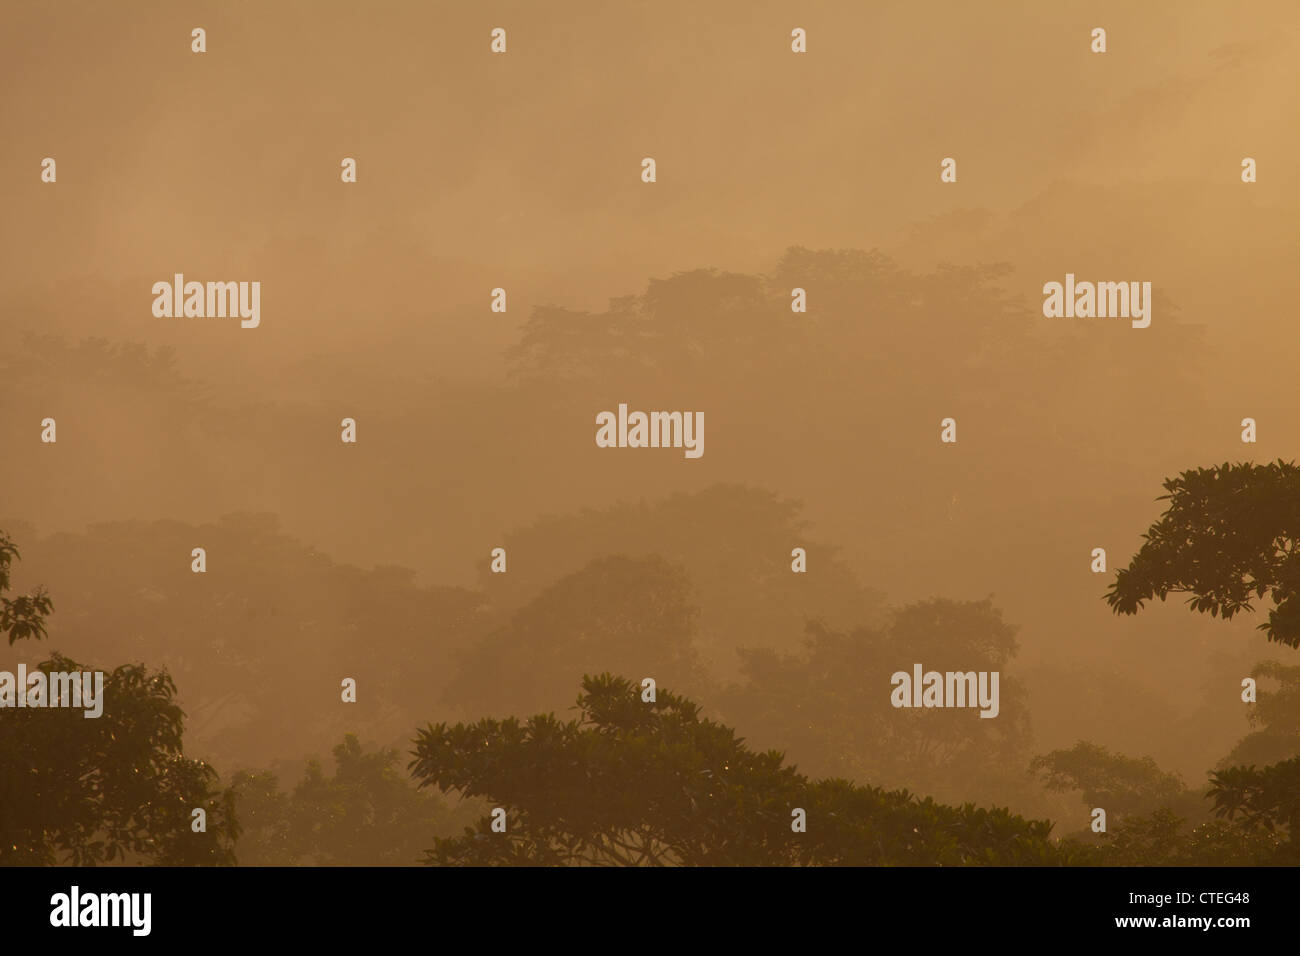 La brume au lever du soleil dans le parc national de Soberania, République du Panama. Banque D'Images